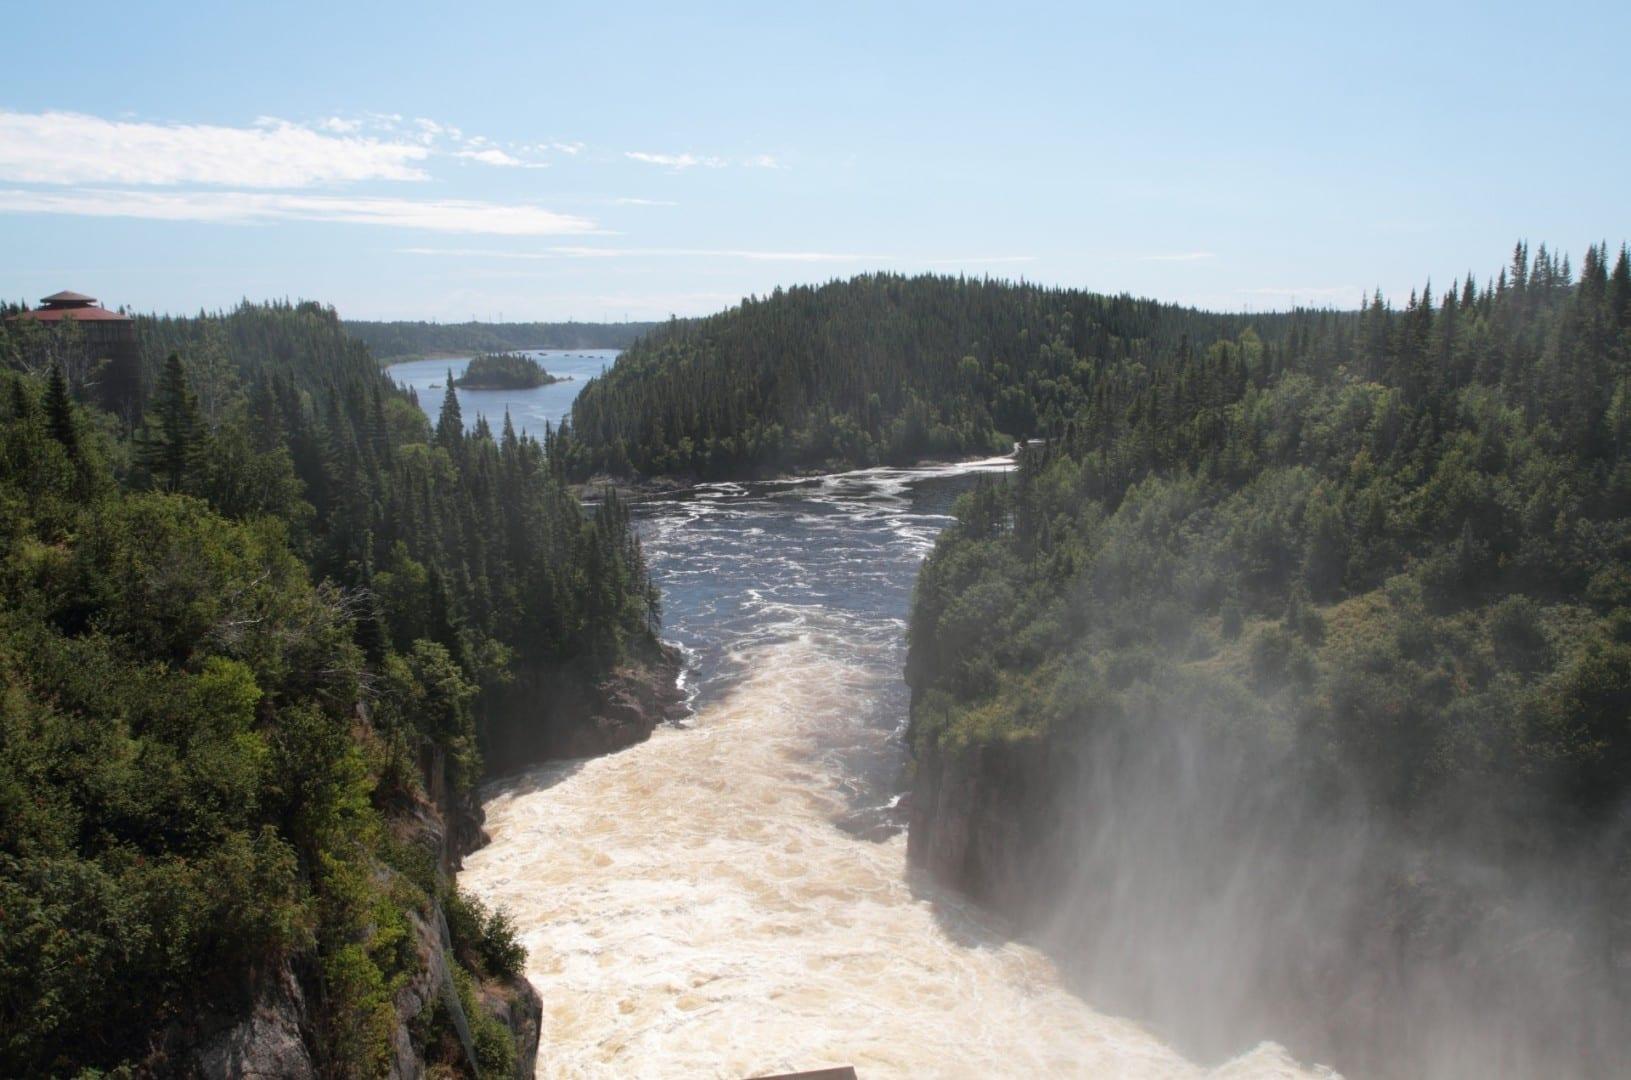 Río Sainte-Marguerite, aguas abajo de la presa Sainte-Marguerite 2 Sept-Îles Canadá